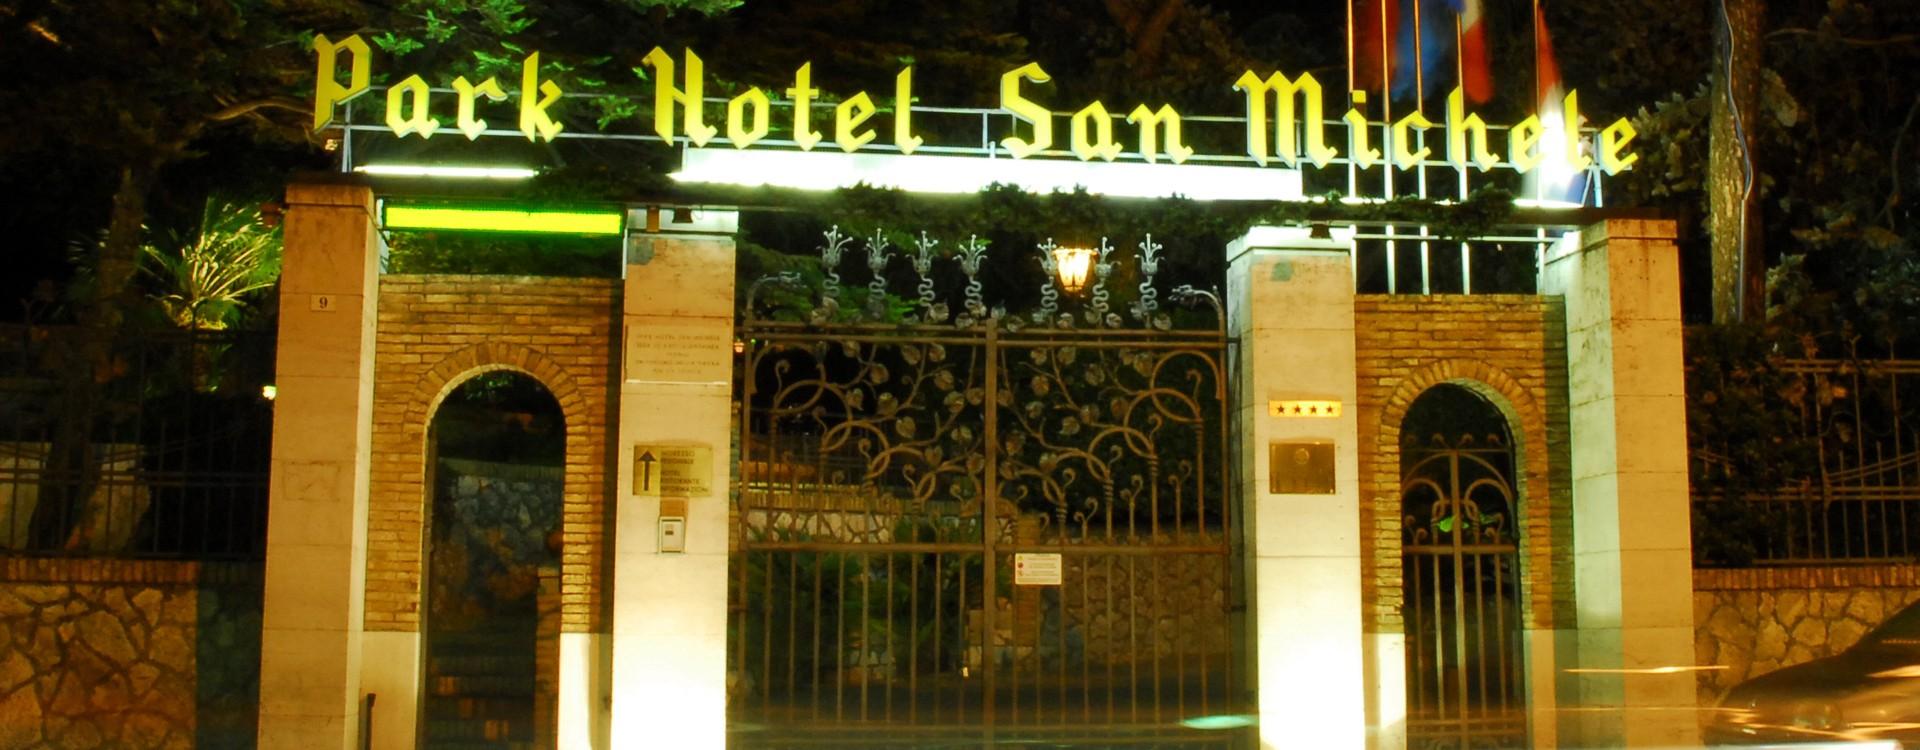 Ingresso Park Hotel San Michele